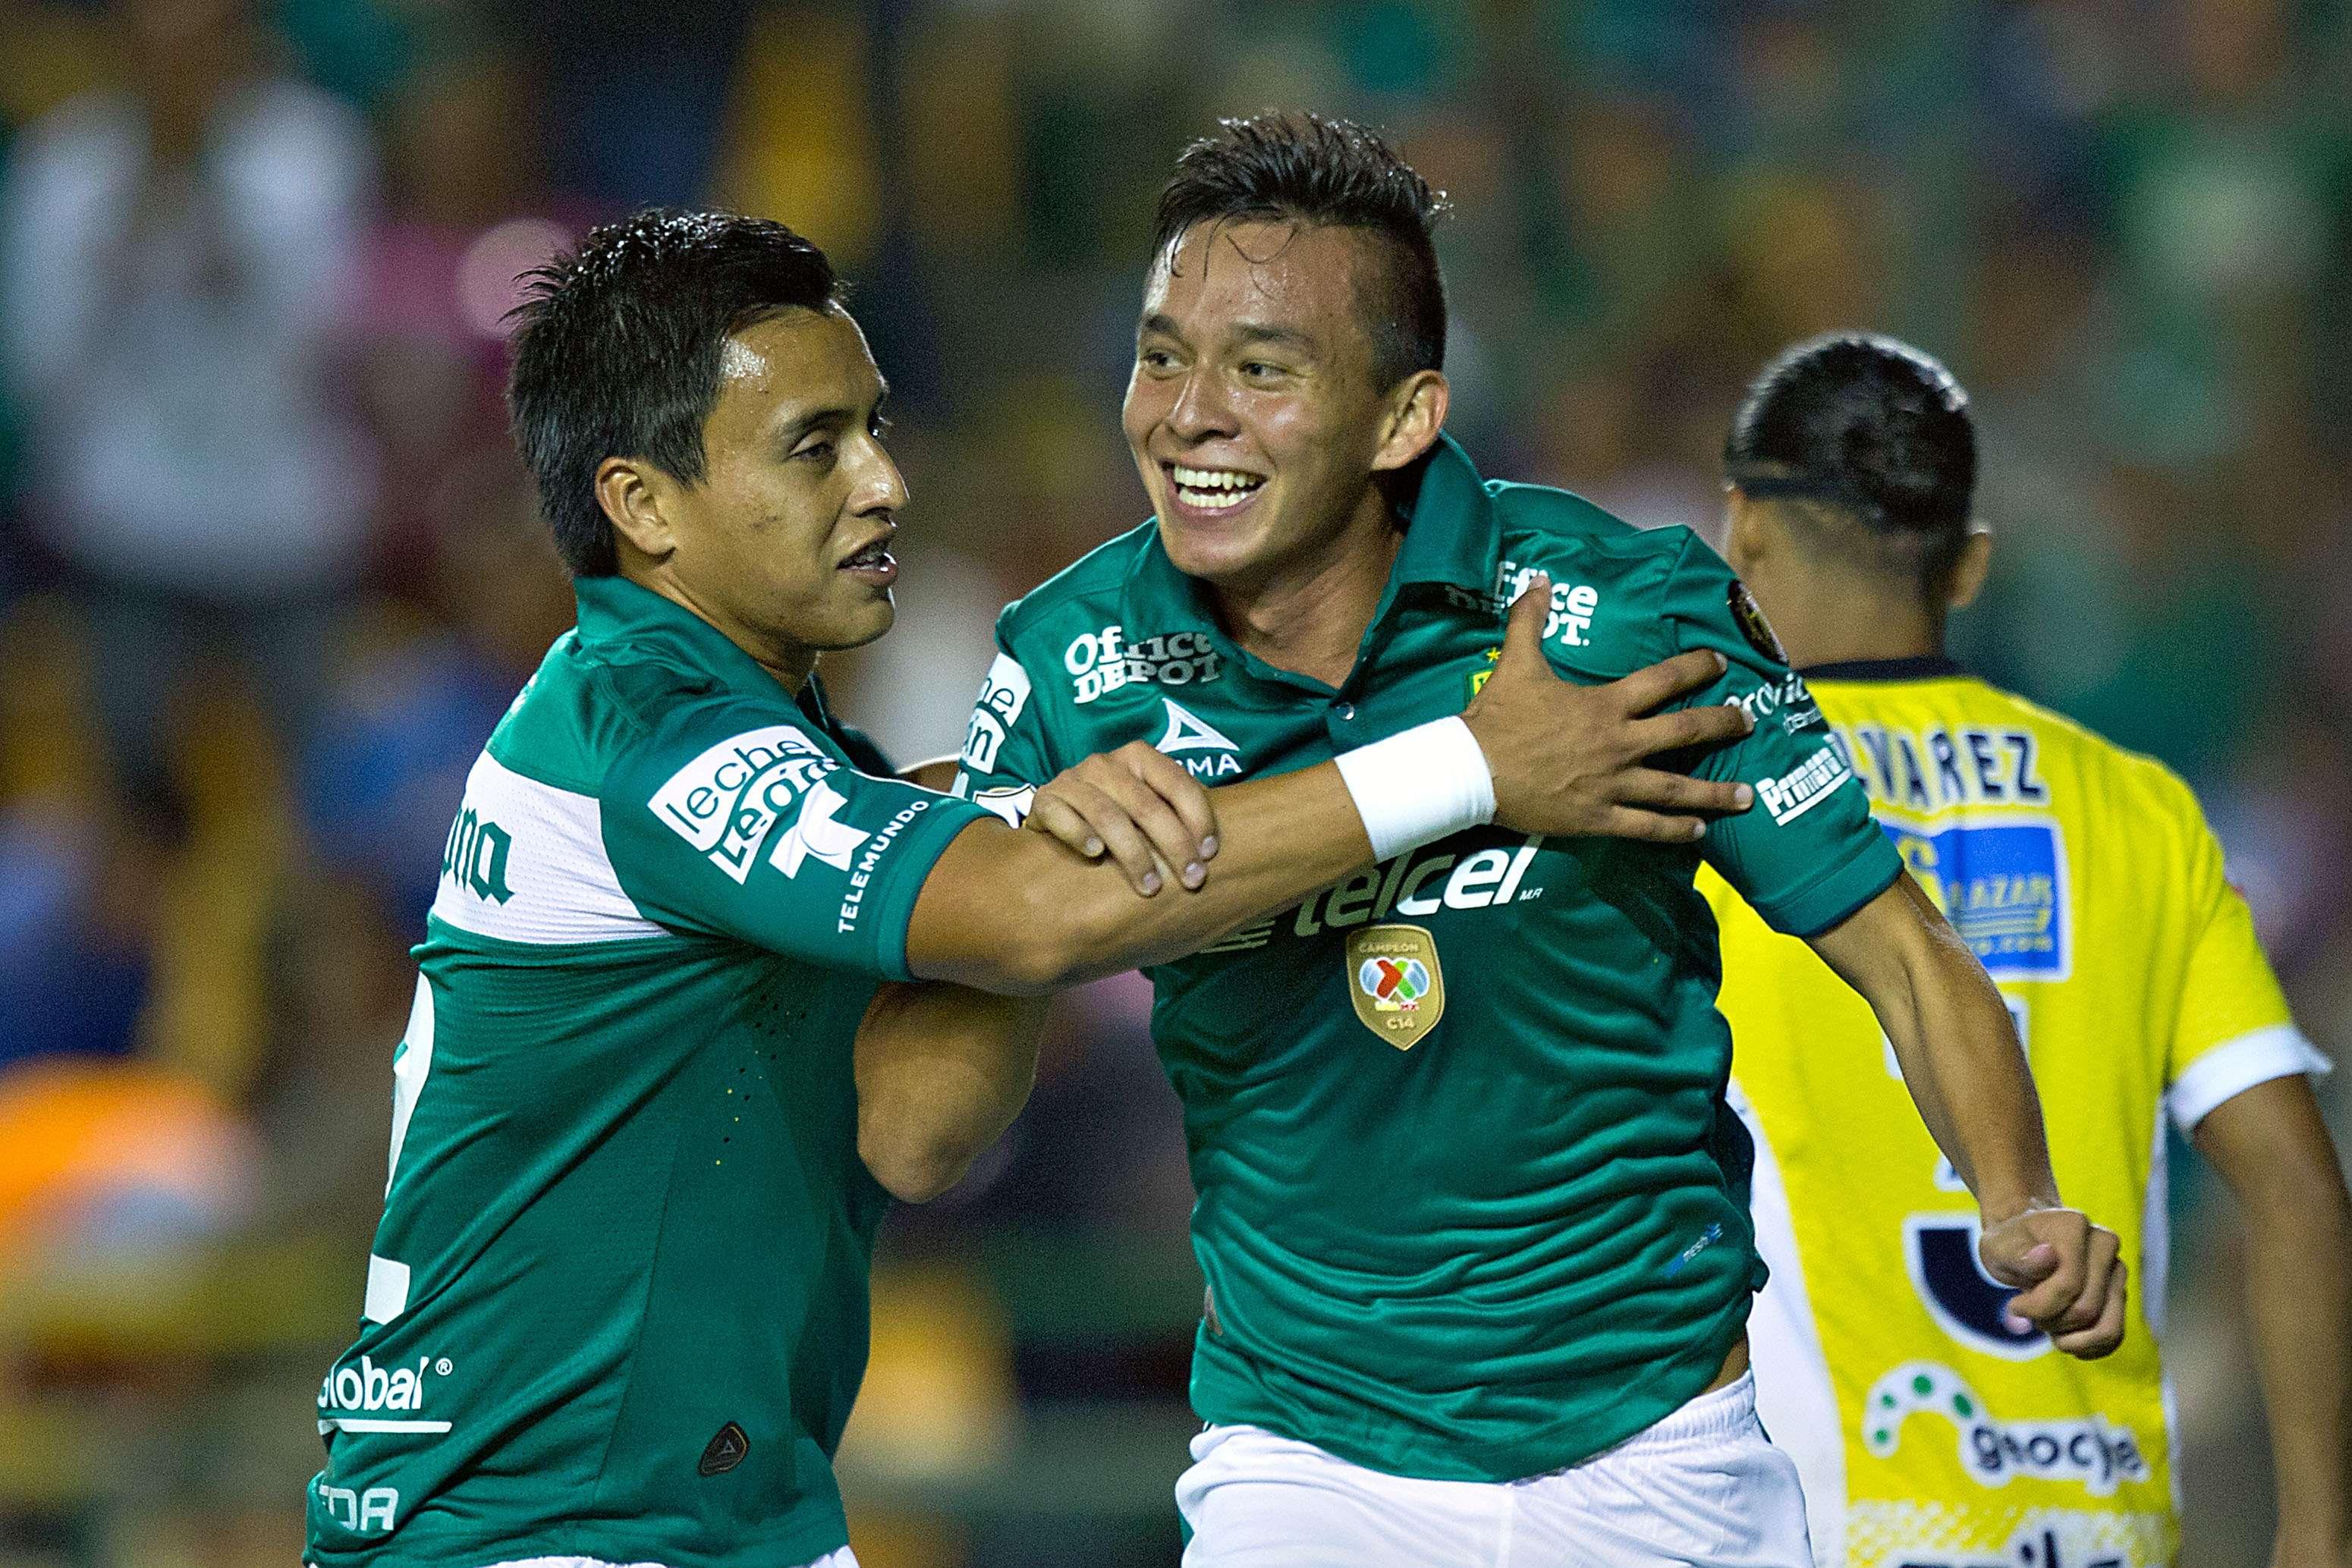 Jair Ruiz marcó dos goles en la victoria de León. Foto: Imago7